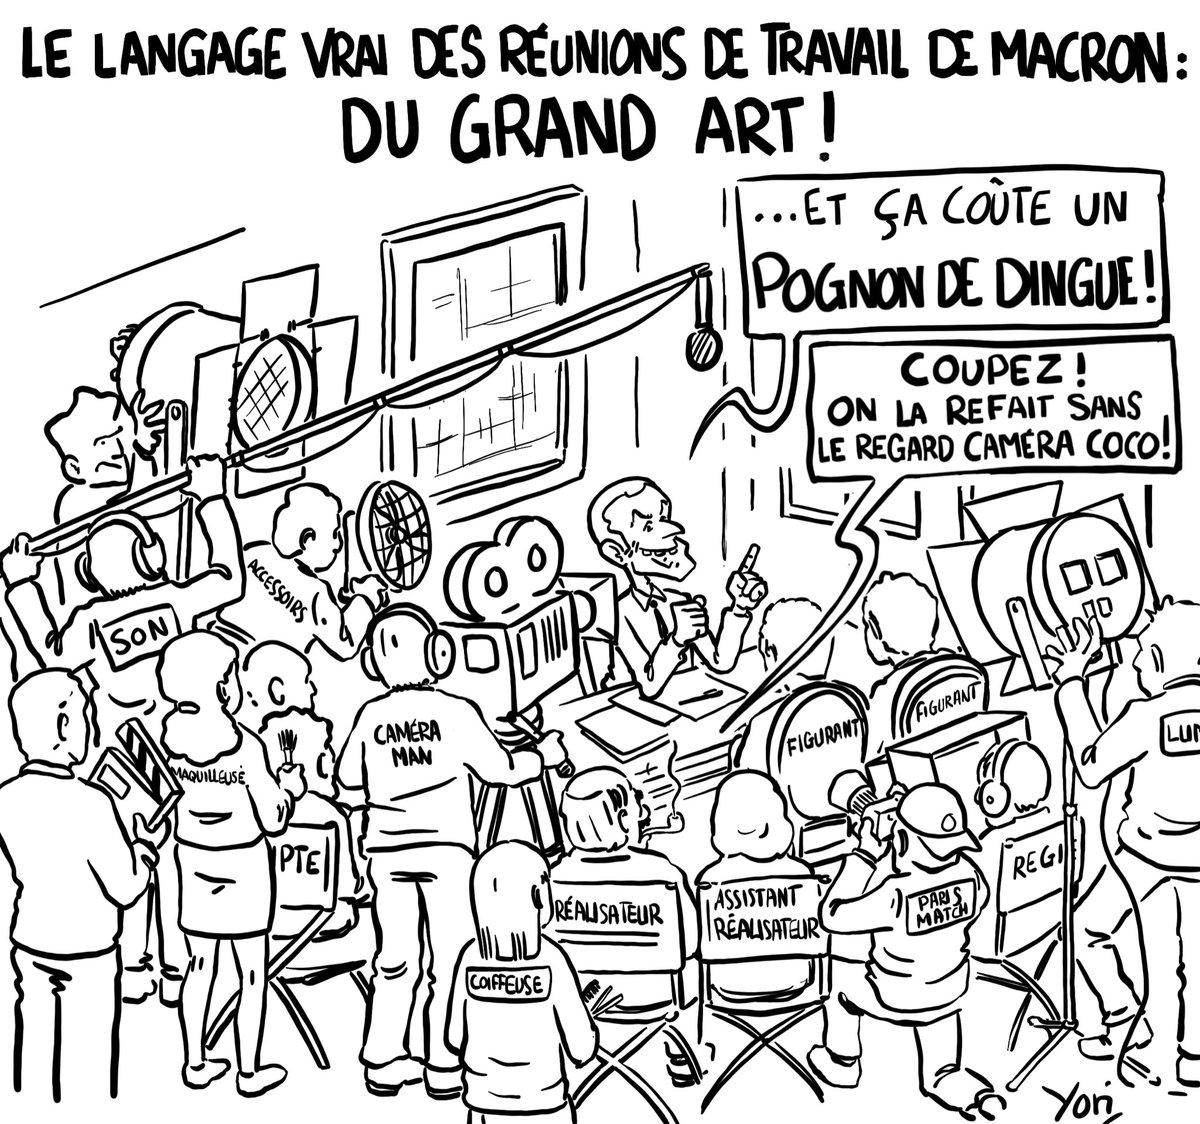 Comedia del arte ! Source :  https:// tinyurl.com/y9t8ye5h     #Macron #pognondedingue #pognondingue #Reunion #aidesSociales #reformes #Gouvernement #dessin #DessinDePresse #DessinDuJour #DessinDuSoir #humour #Cinema<br>http://pic.twitter.com/7HJj3xyOzg